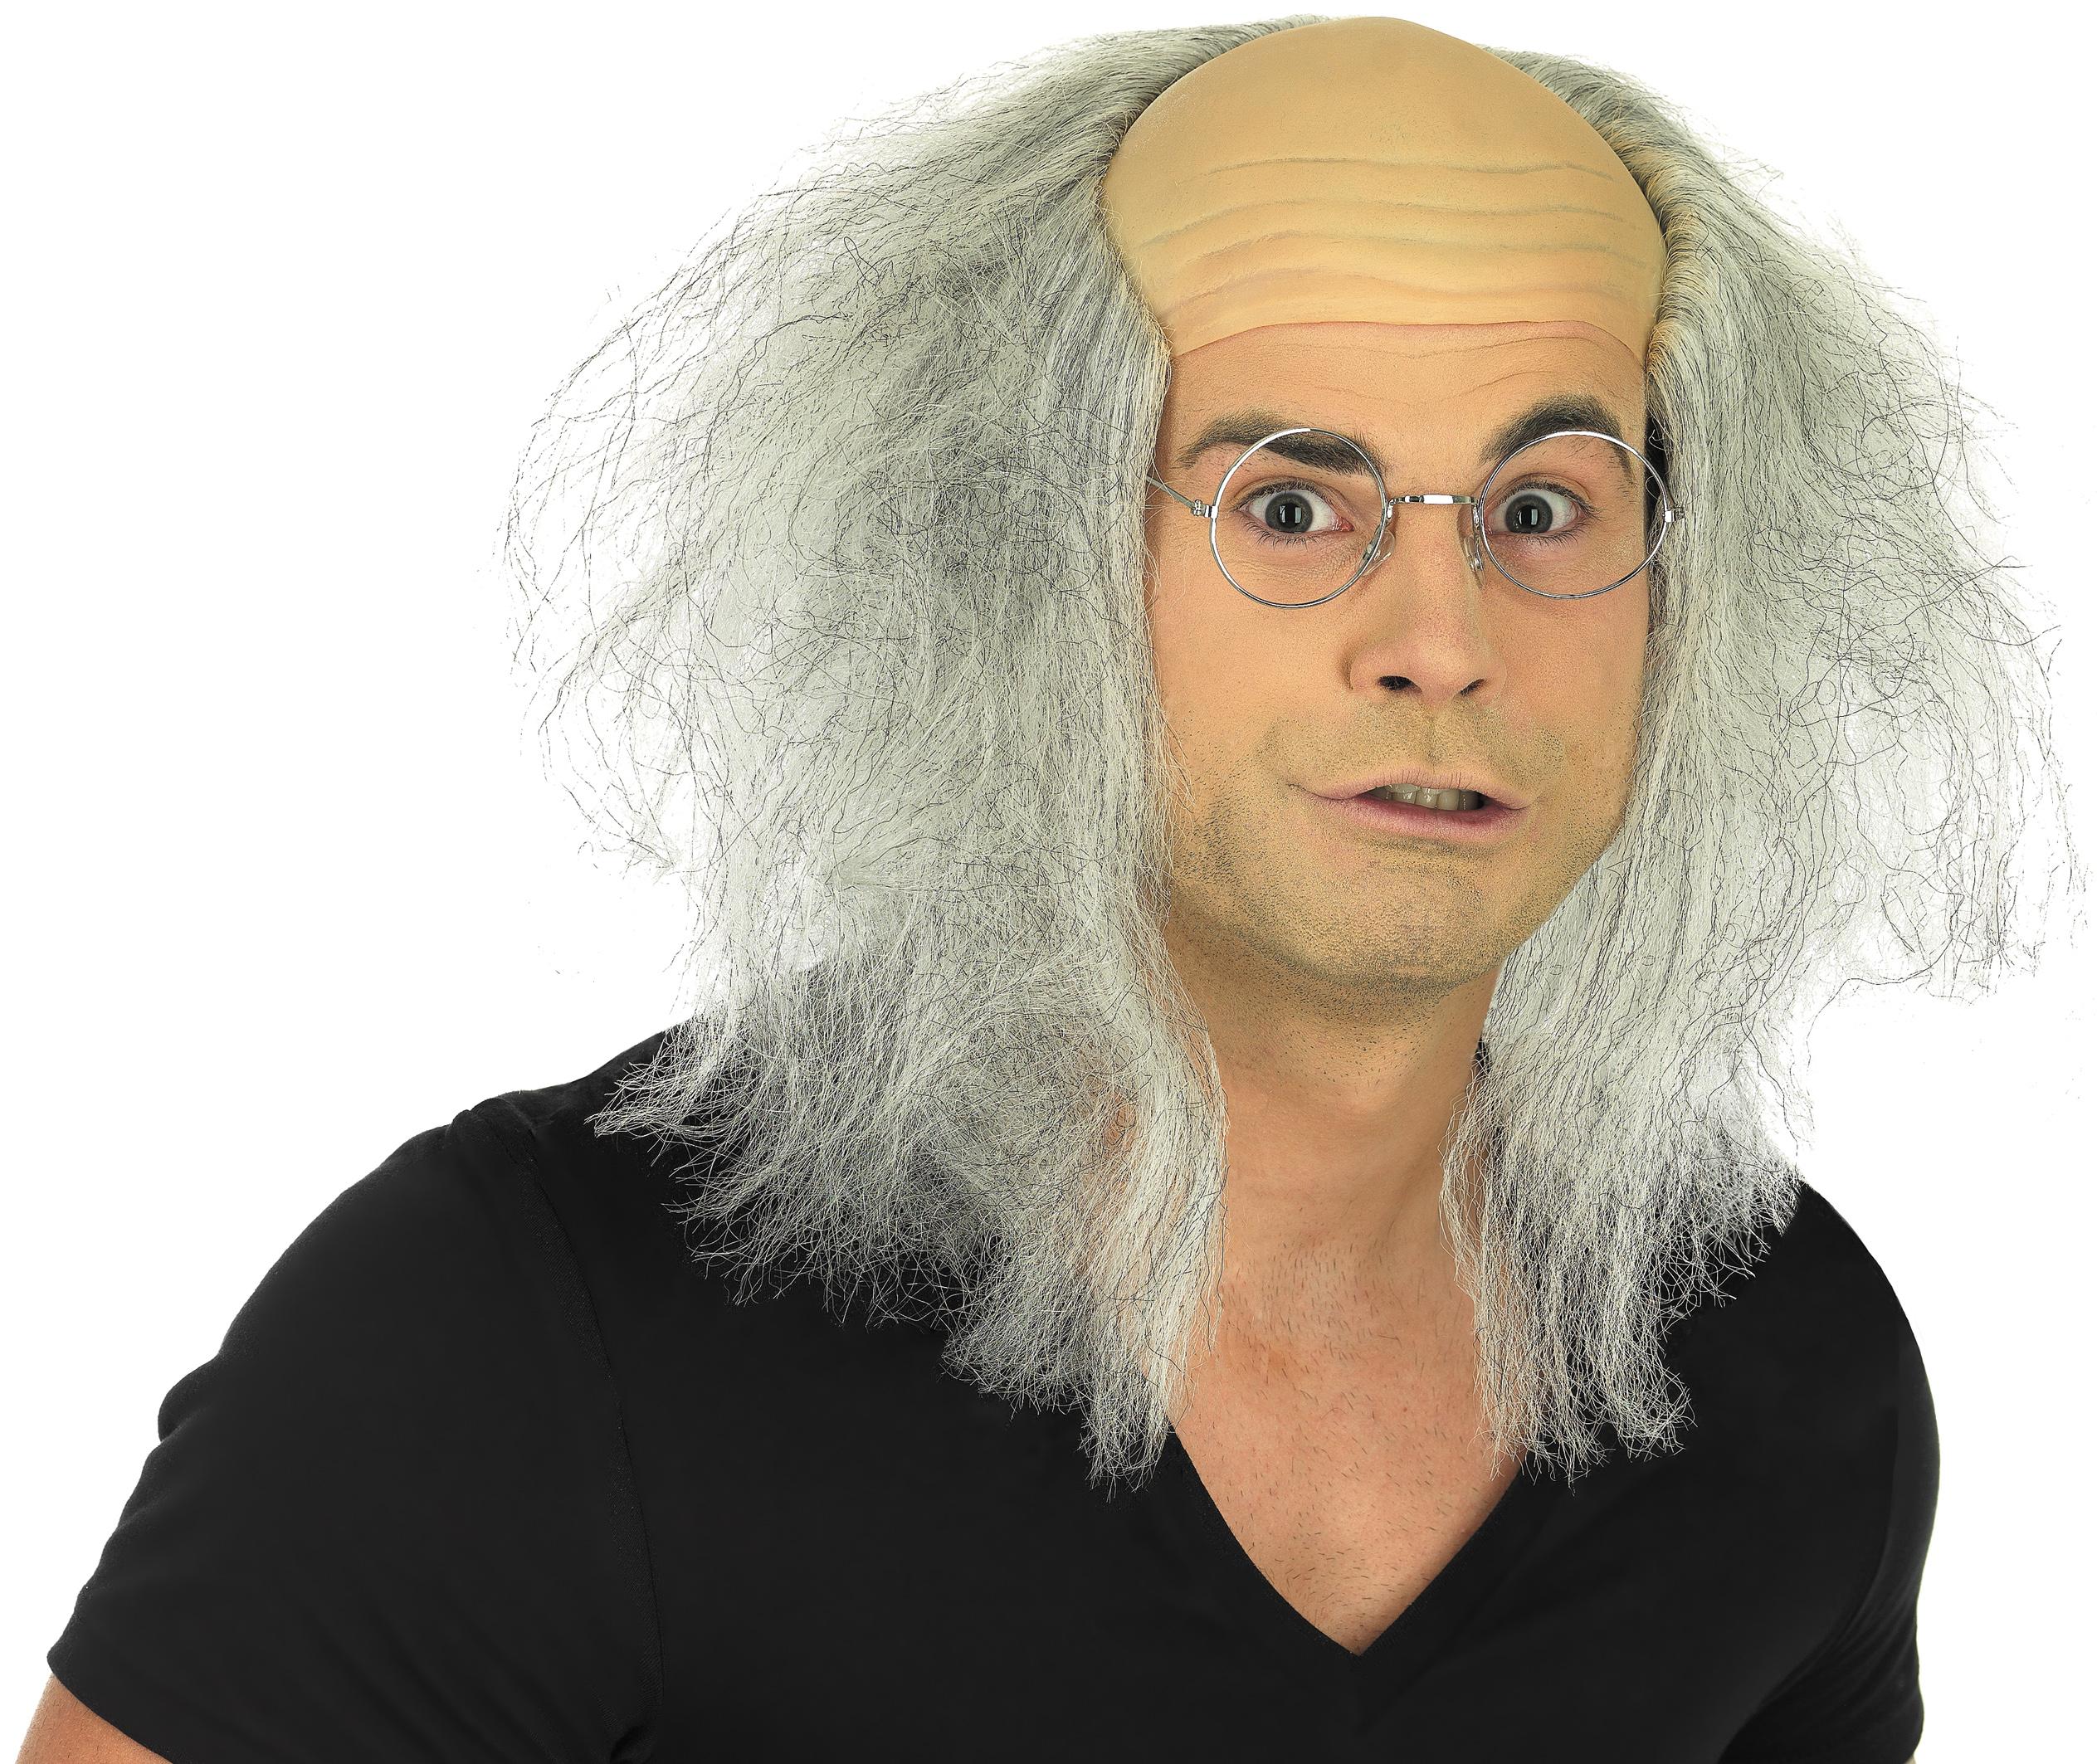 Смешные картинки в парике, картинка именем